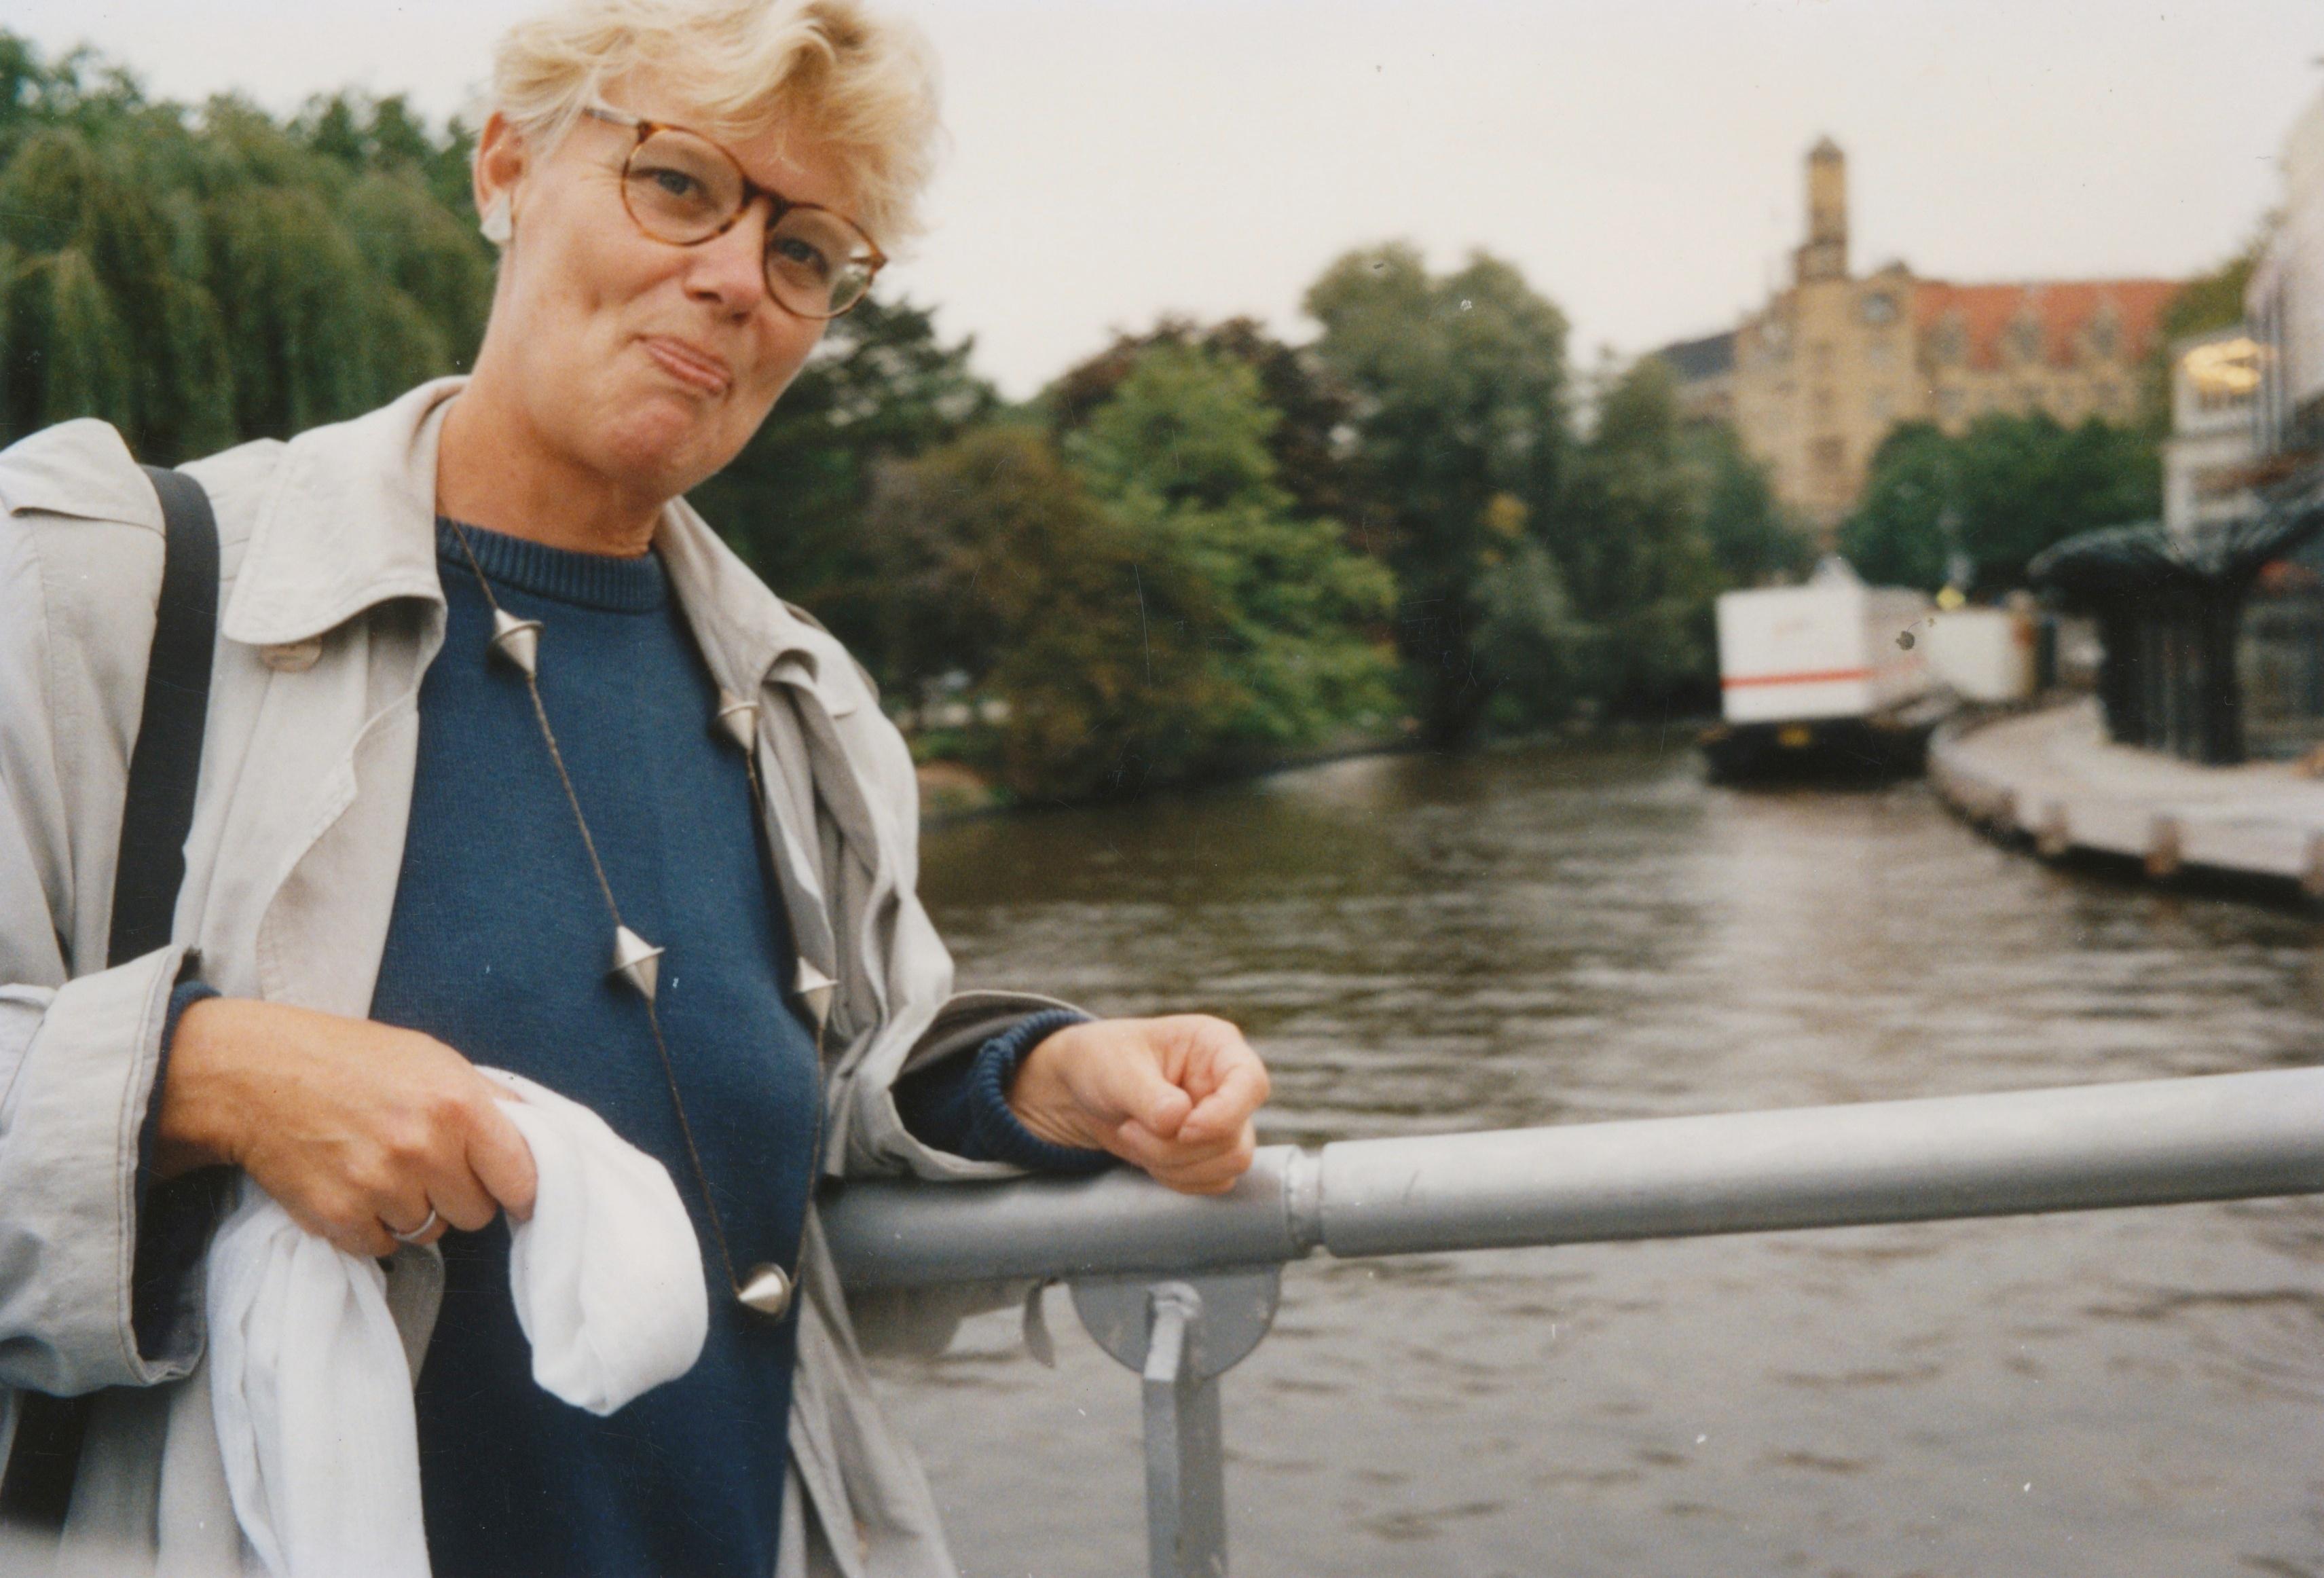 Claartje Keur, Zelfportret met halssieraad van Marion Herbst, Amsterdam, Max Euweplein, 1991. Foto Claartje Keur